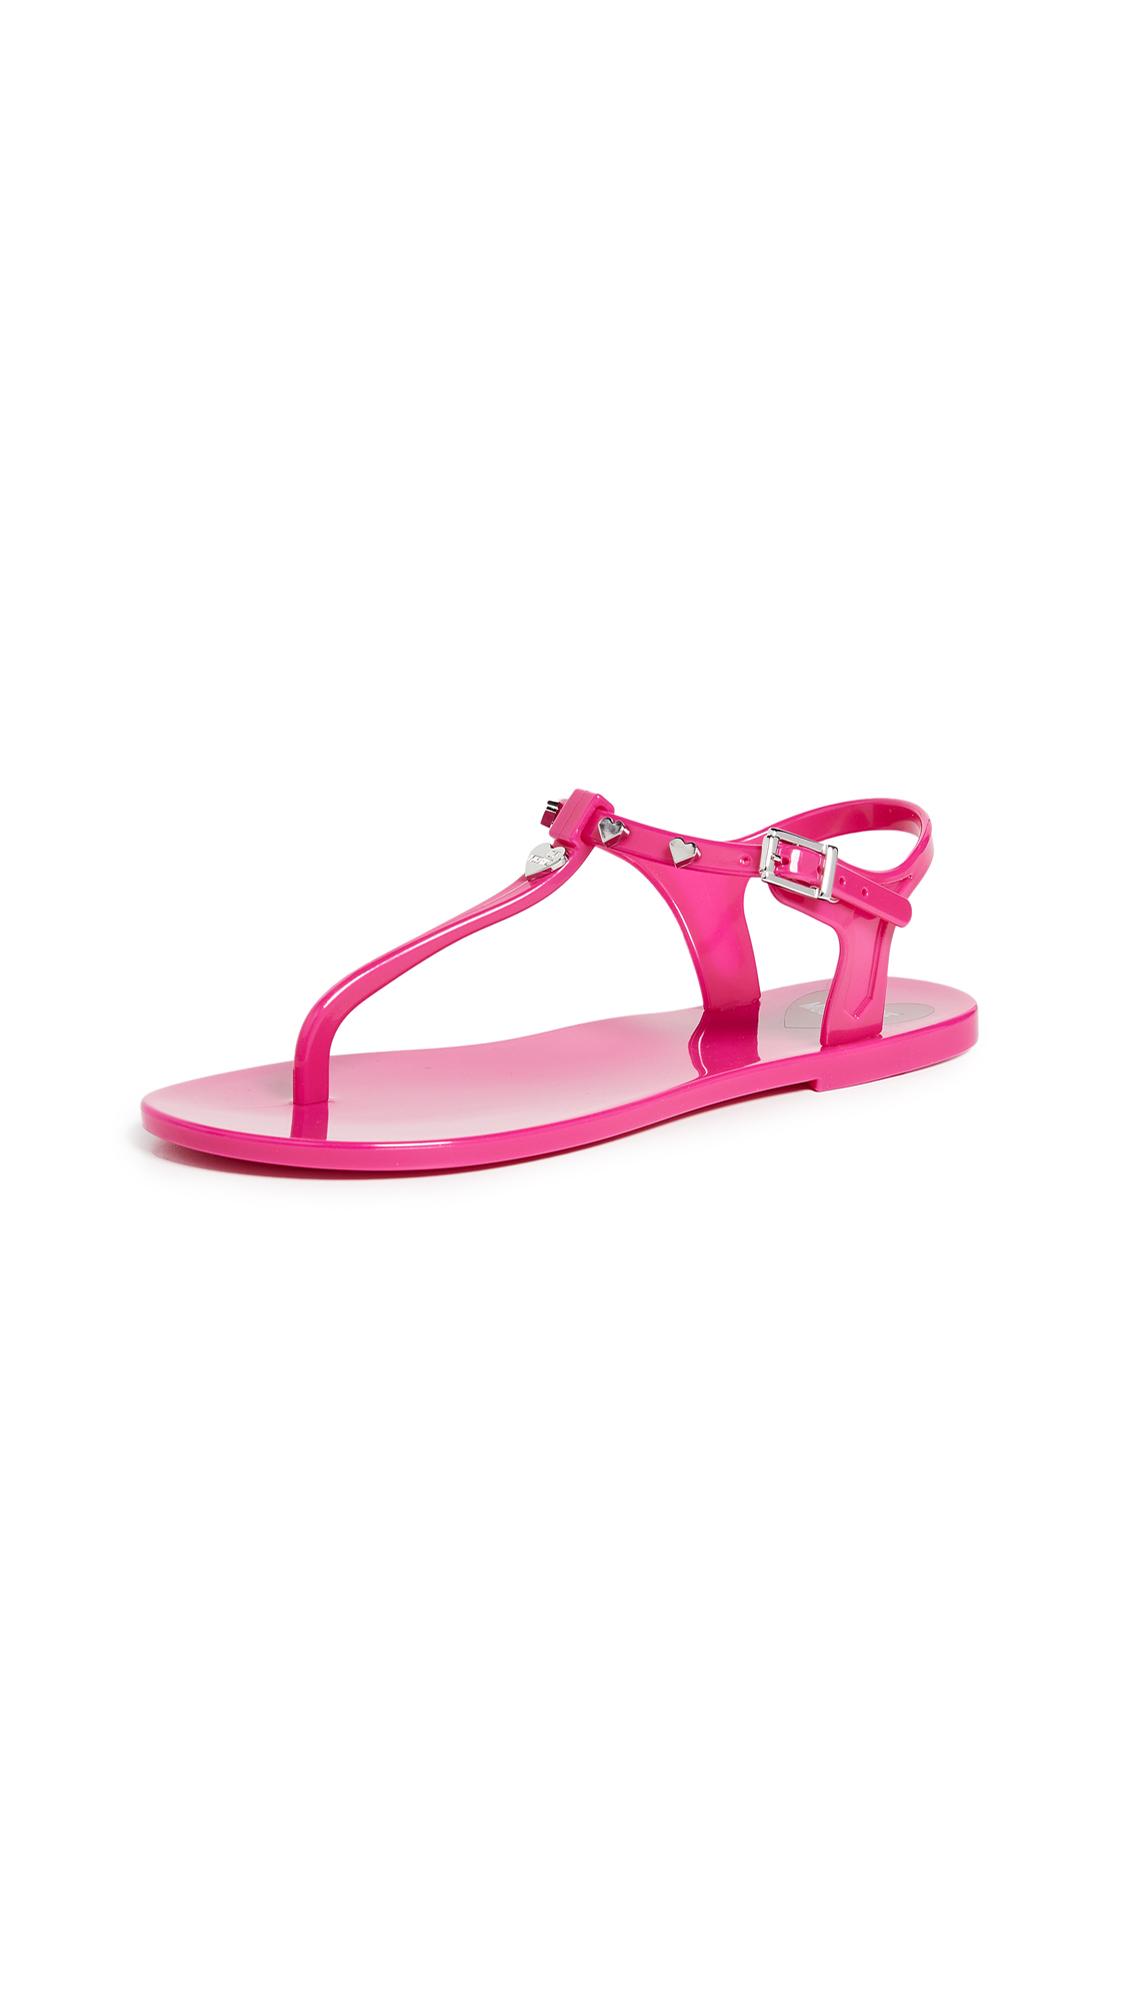 Moschino Love Moschino Thong Sandals - Hot Pink